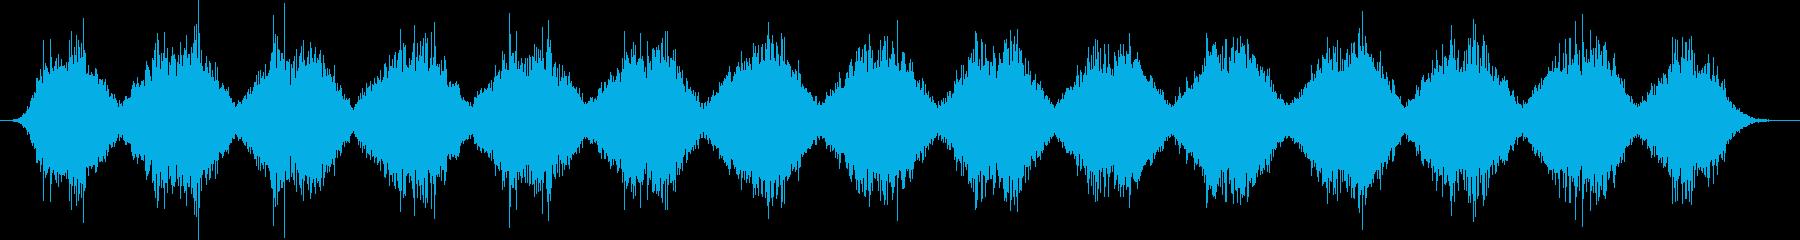 スローシューイングパンジャイロ、コ...の再生済みの波形